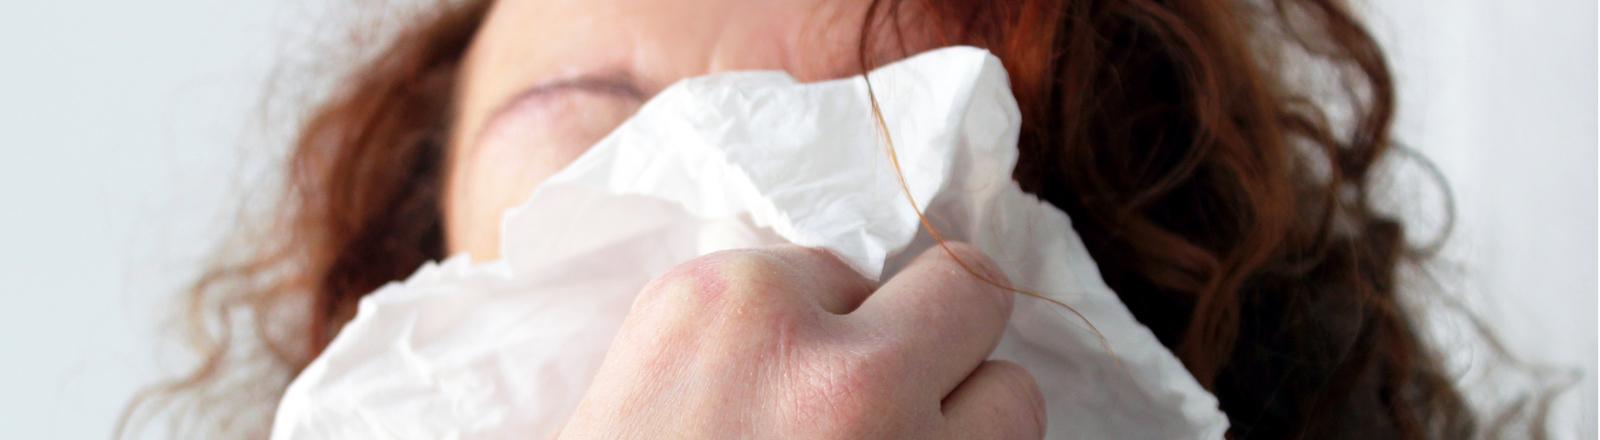 Frau hält ein Taschentuch in der Hand.